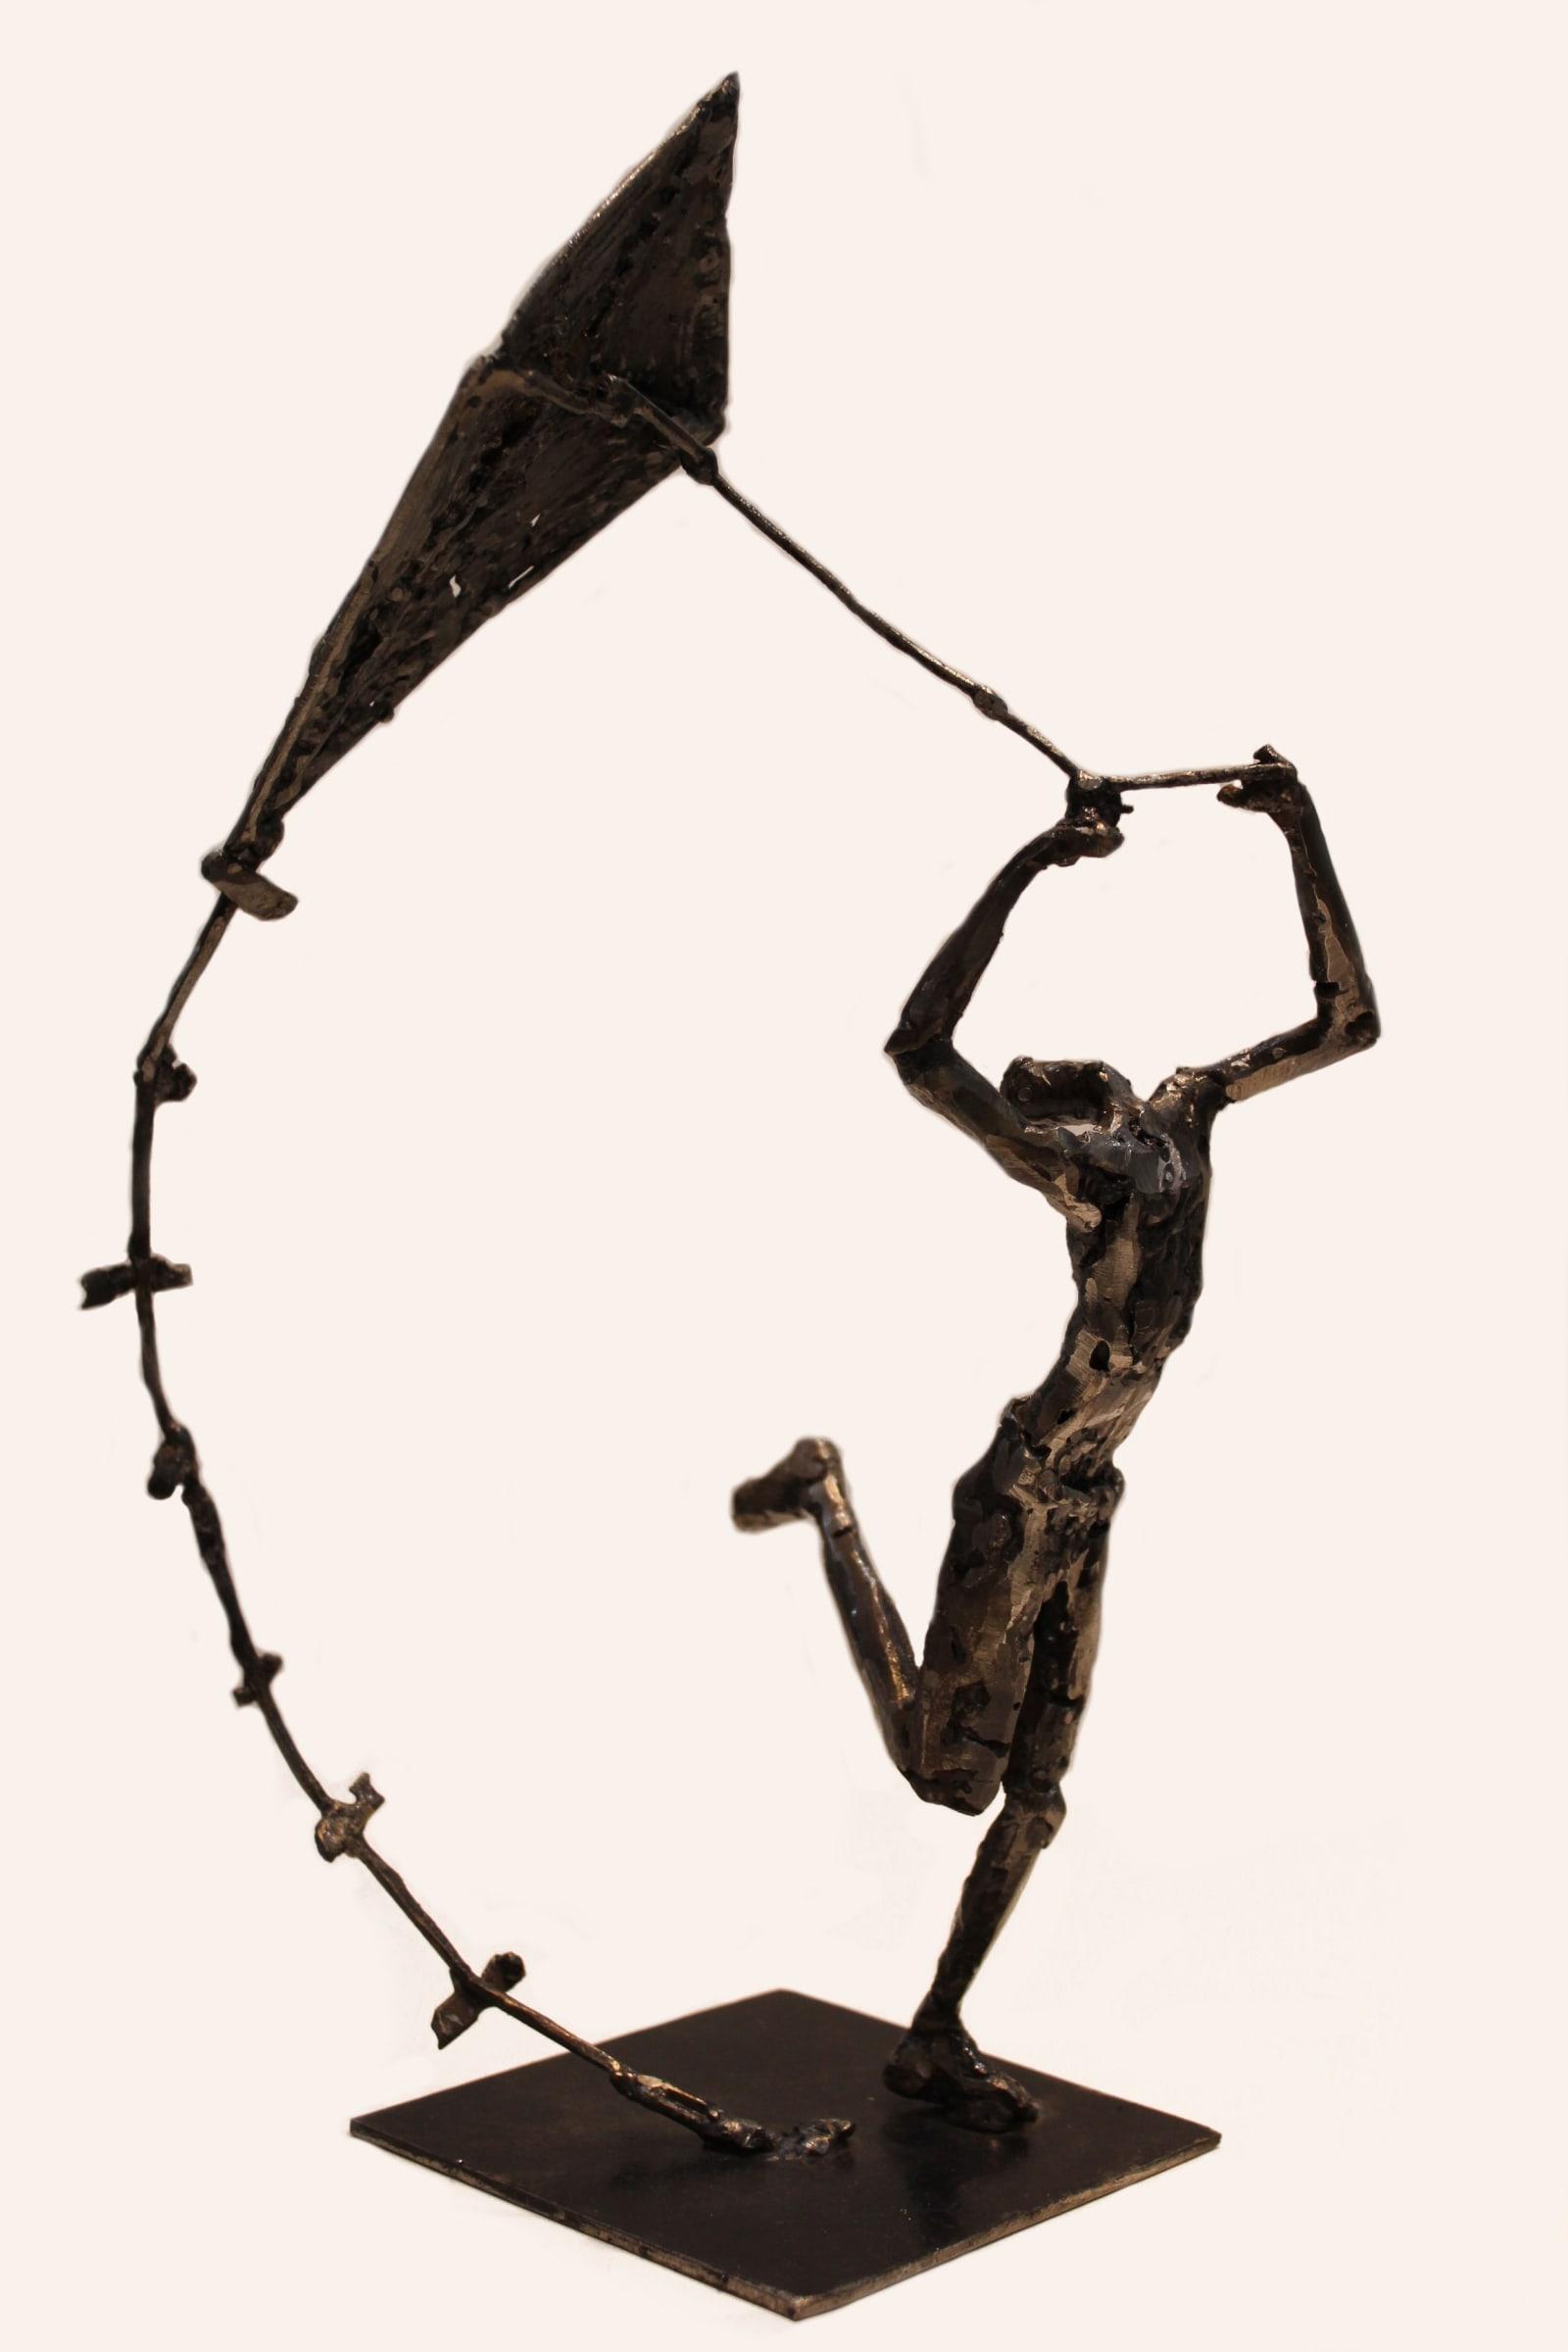 <span class=&#34;link fancybox-details-link&#34;><a href=&#34;/artists/31-gert-potgieter/works/2880-gert-potgieter-kite-runner-2015/&#34;>View Detail Page</a></span><div class=&#34;artist&#34;><strong>Gert Potgieter</strong></div> <div class=&#34;title&#34;><em>Kite Runner</em>, 2015</div> <div class=&#34;medium&#34;>Welded Metal Sculpture</div> <div class=&#34;dimensions&#34;>15cm x 35cm x 15cm</div>